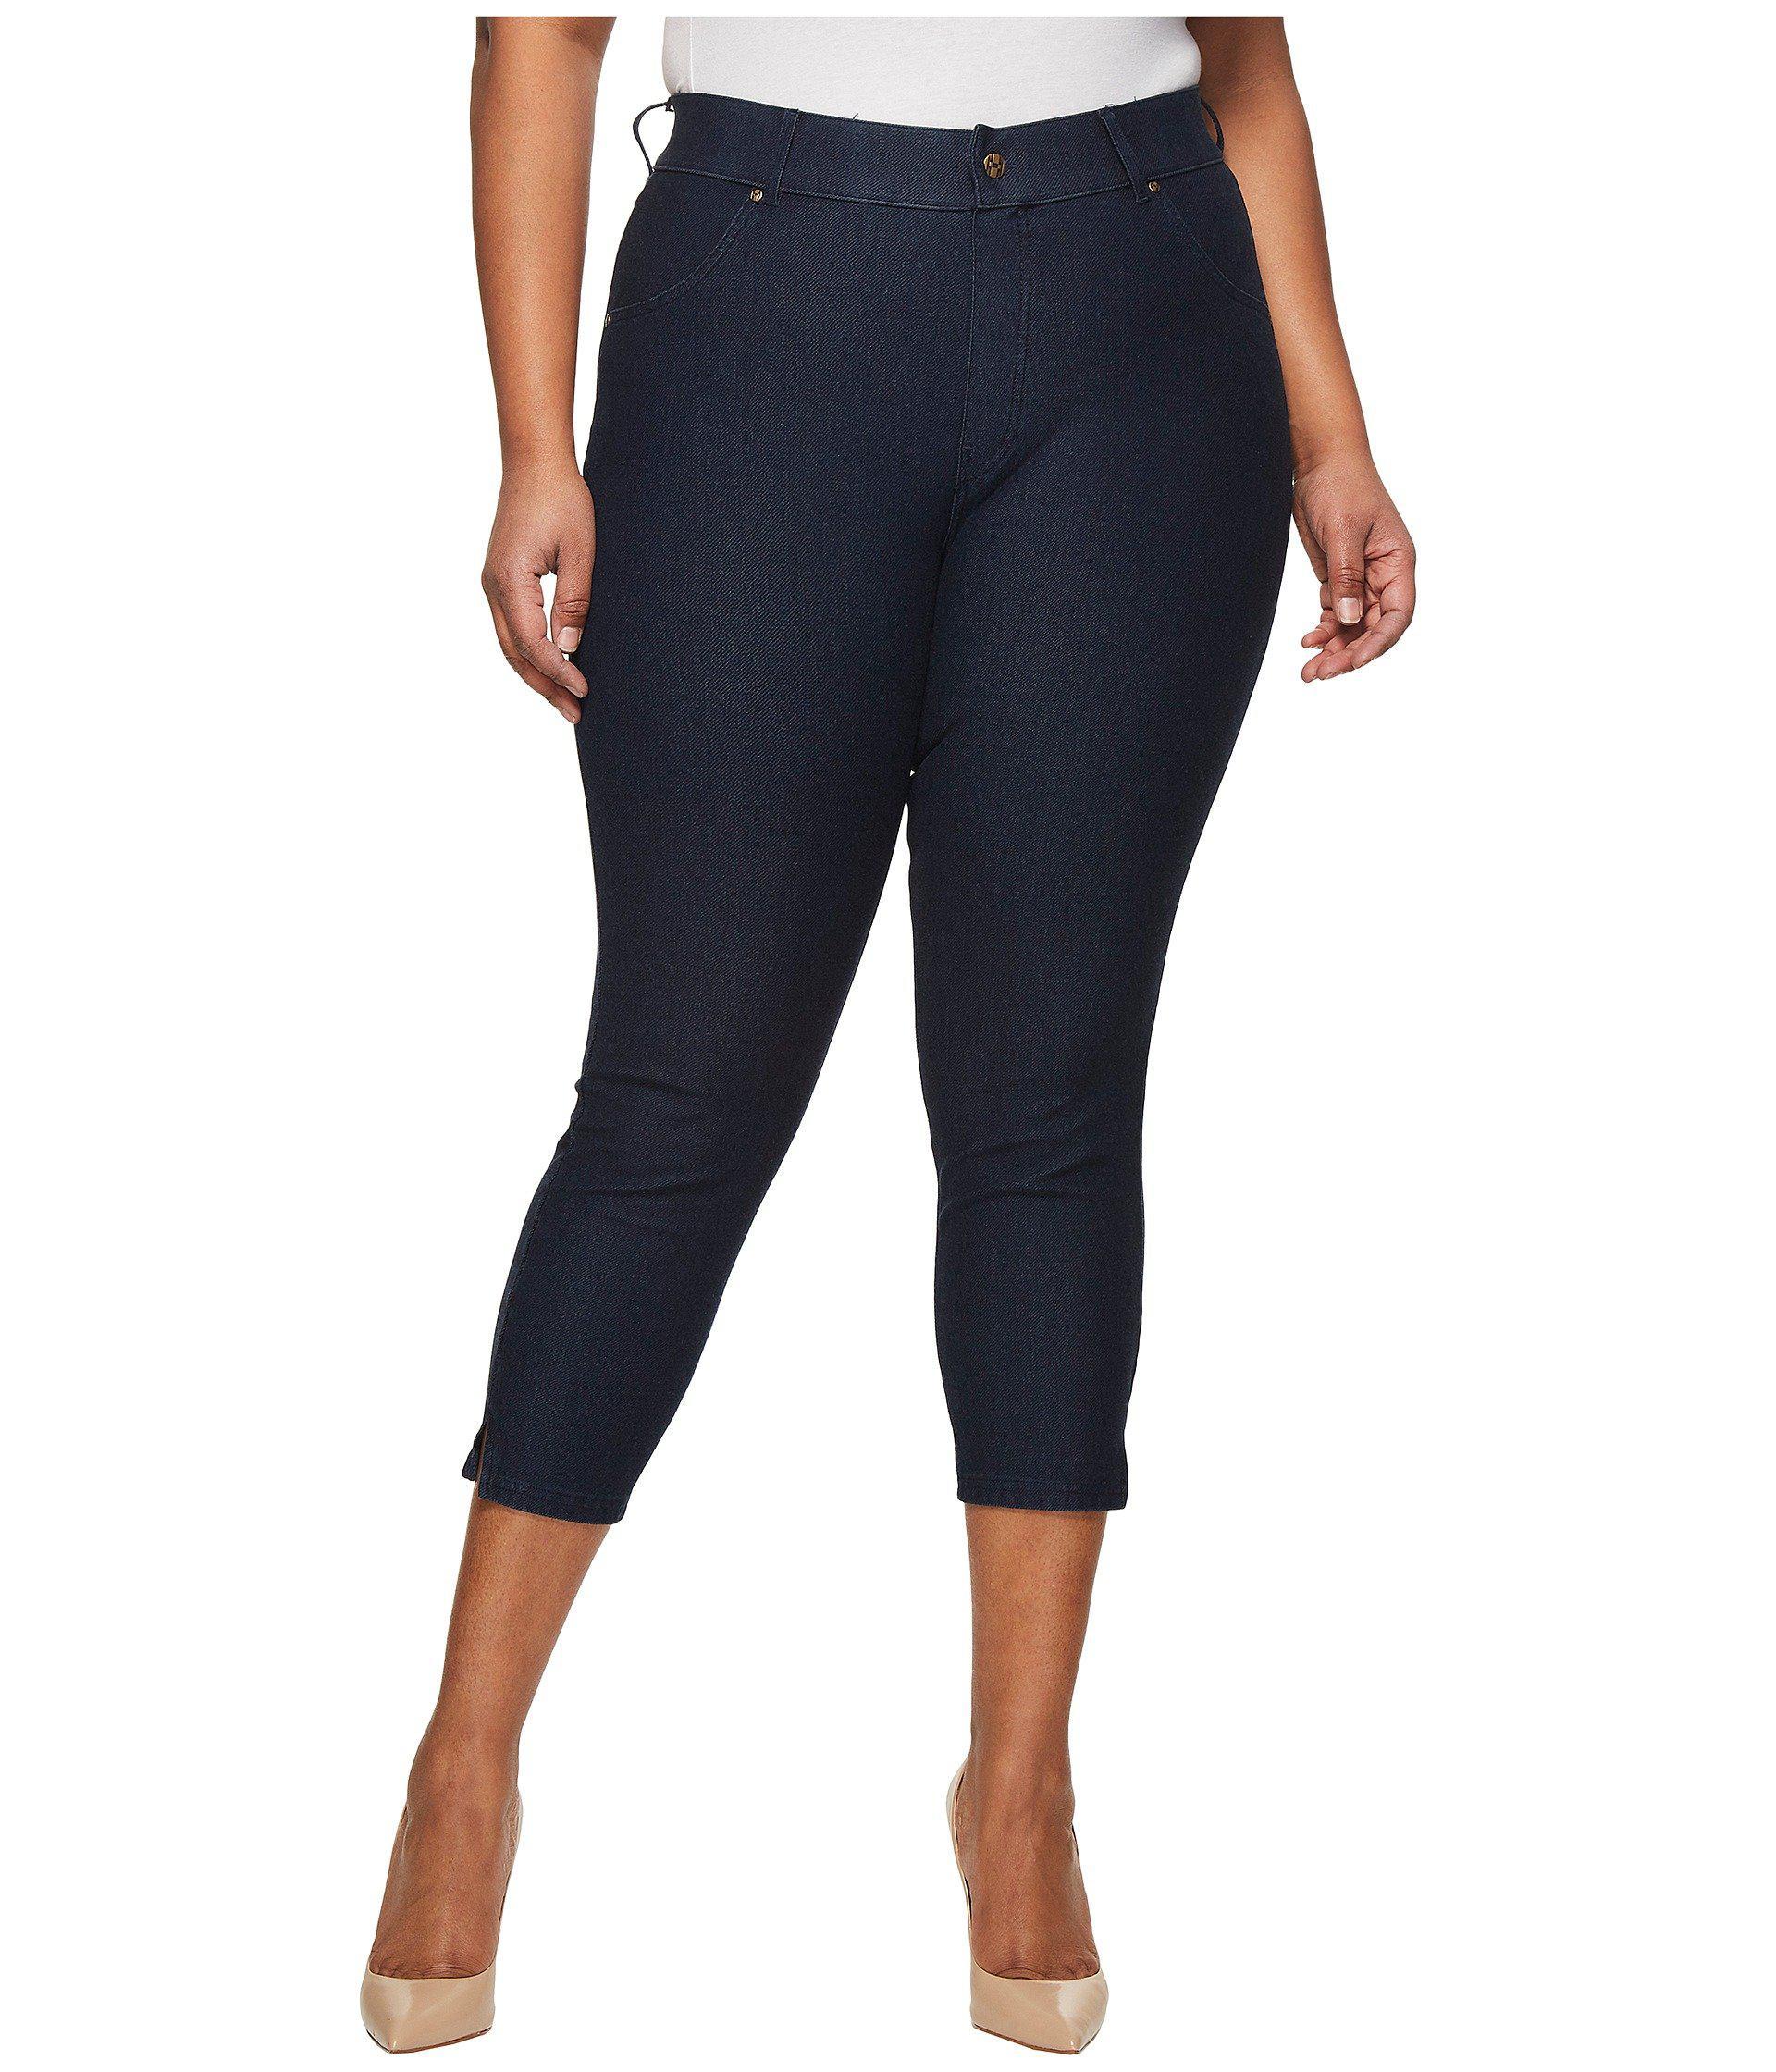 0ad6bda7b3c8a7 Hue Plus Size Ankle Slit Essential Denim Capris (white) Women's ...